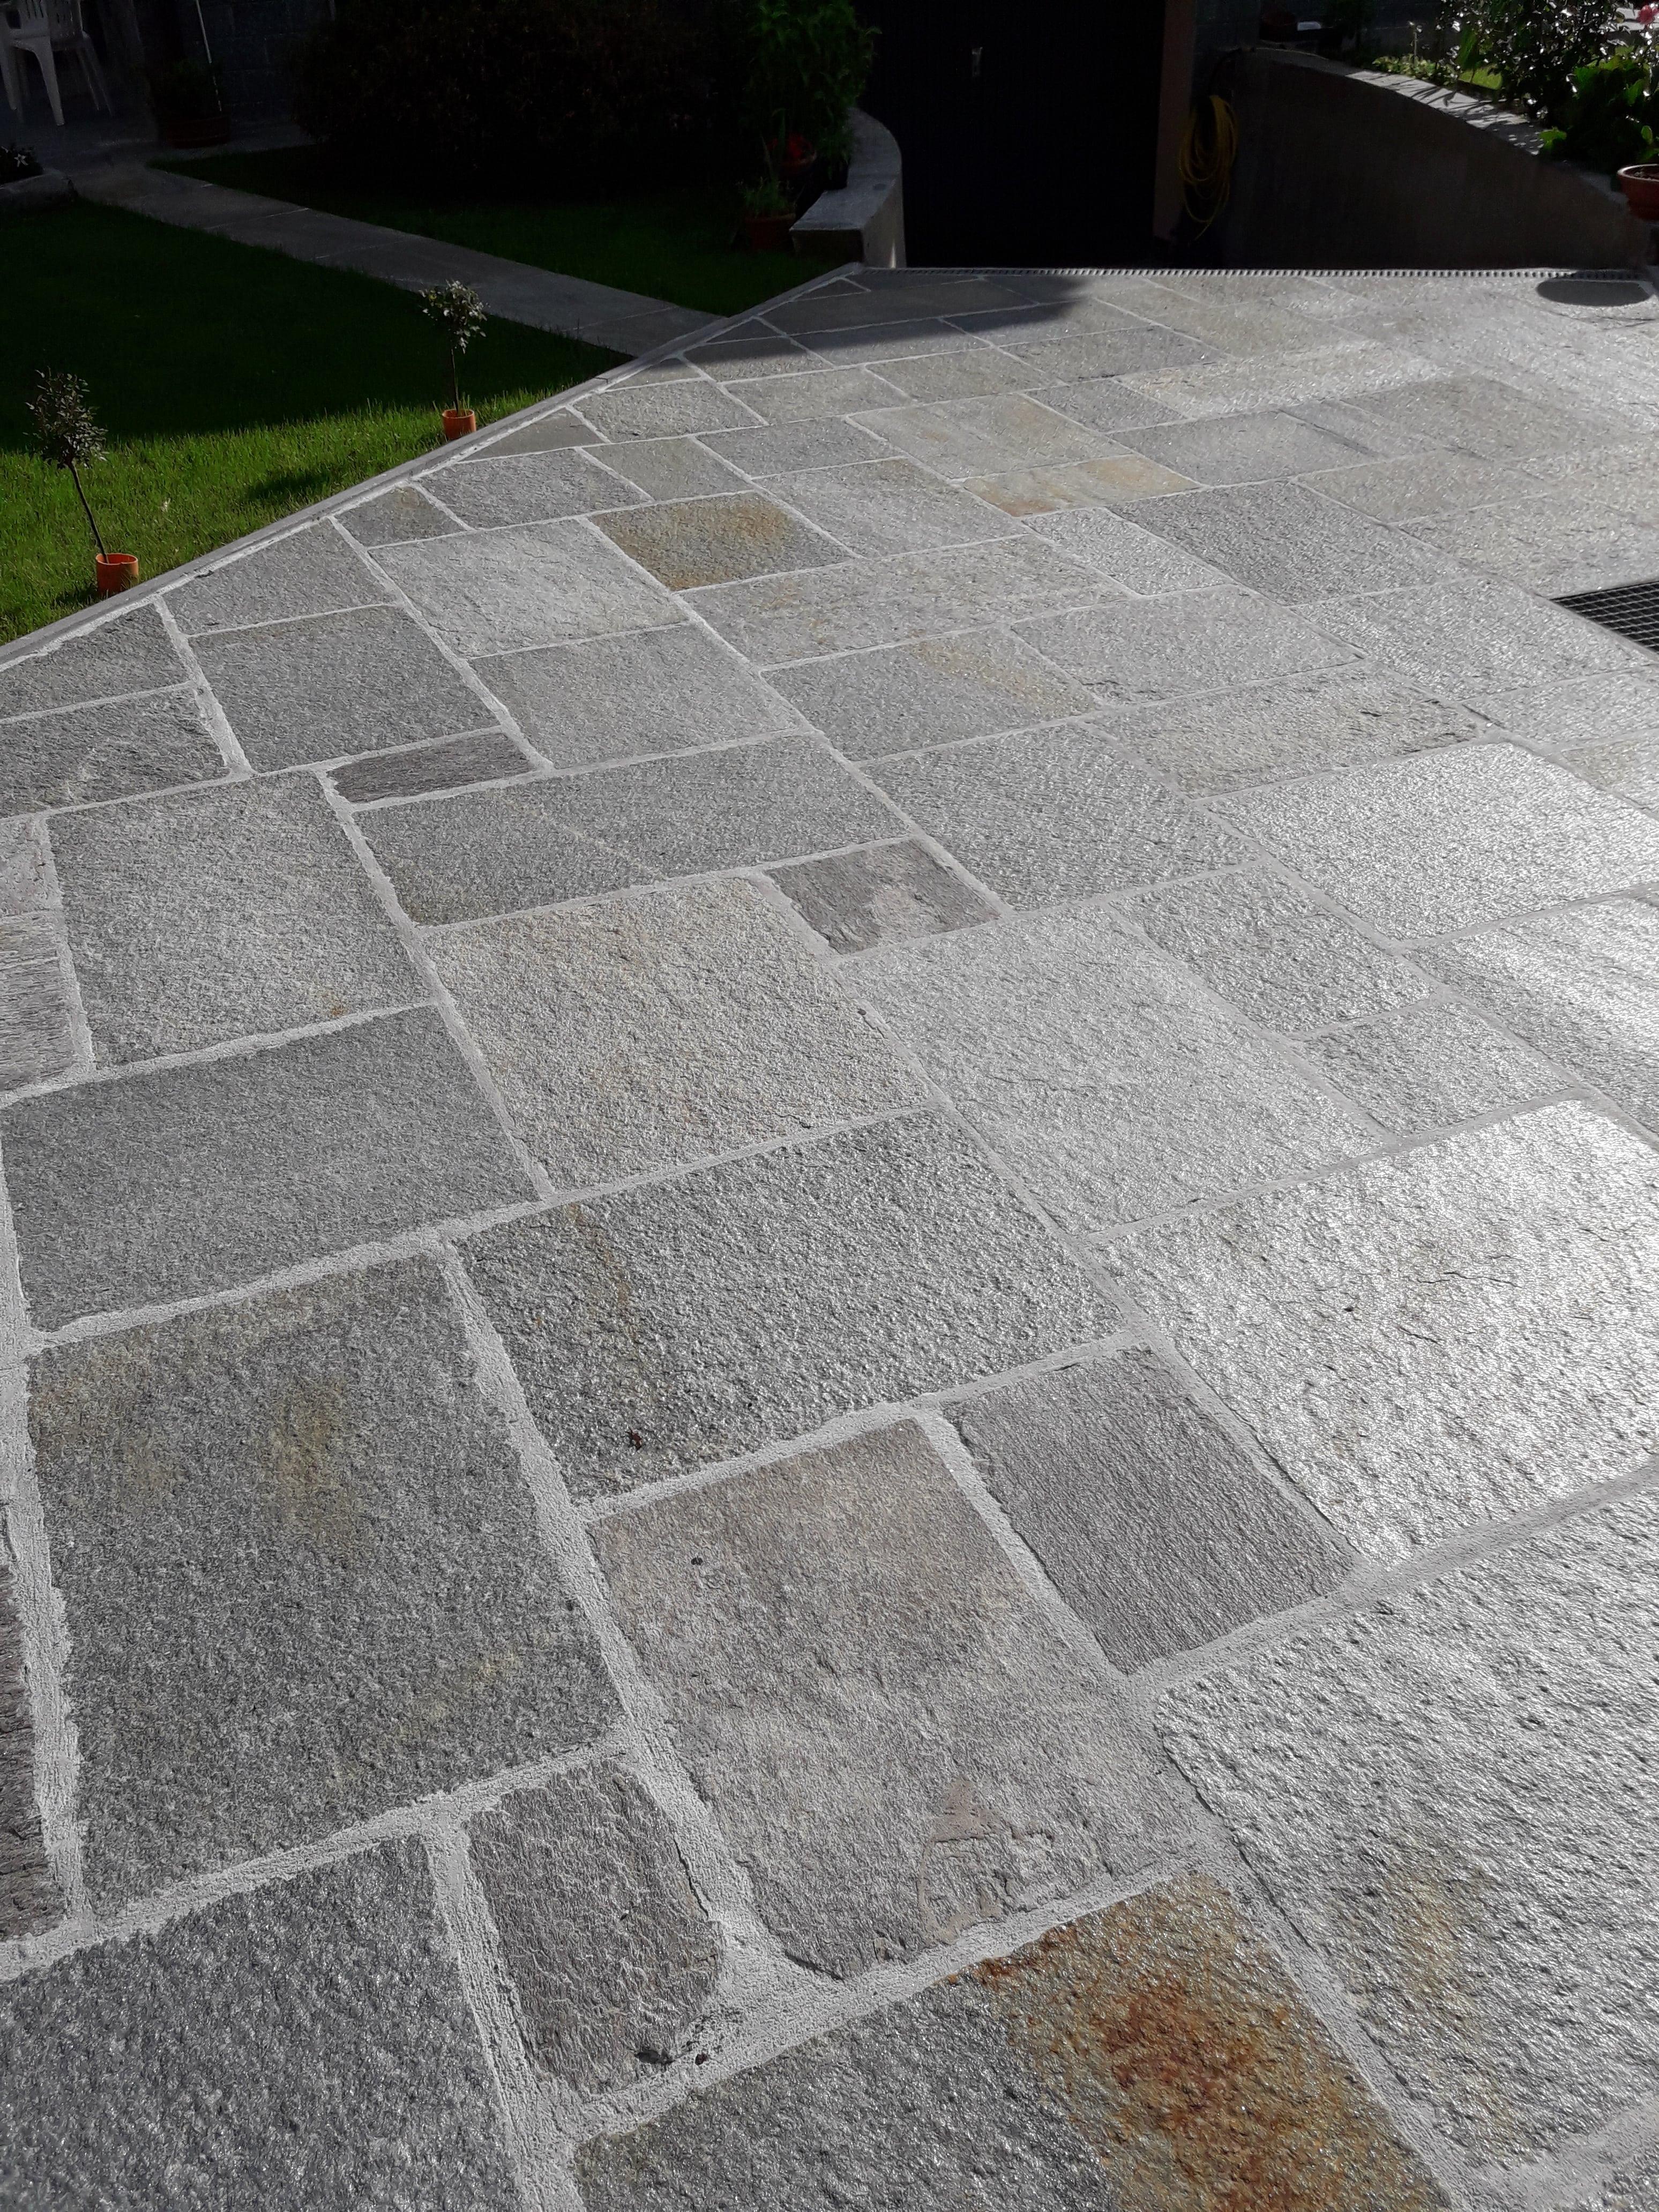 Offerta quadratoni per pavimento in pietra di luserna per esterni - Piastrelle di pietra per esterni ...